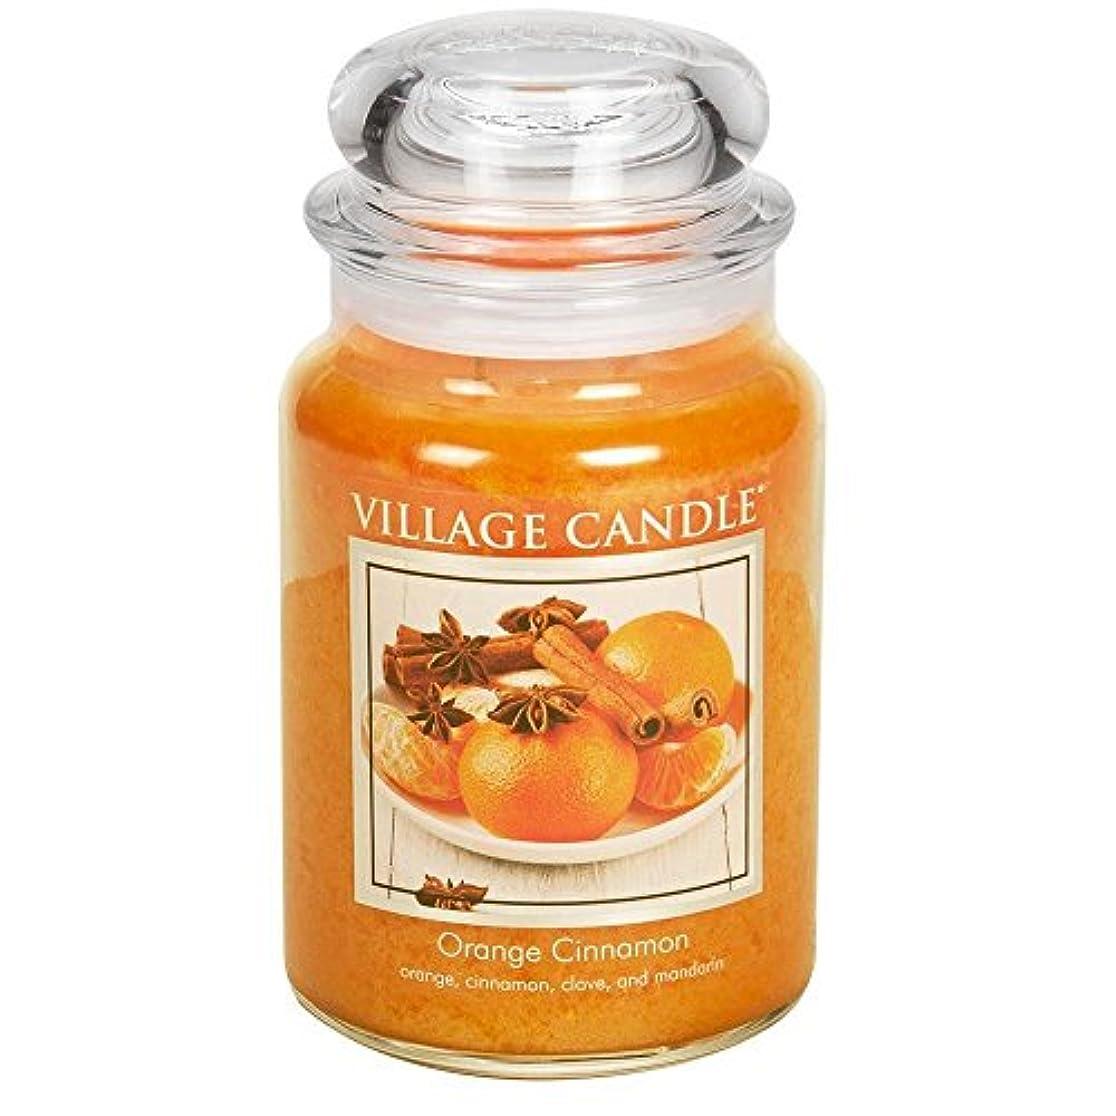 征服者母保存するVillage Candle Large Fragranced Candle Jar?つ - 17cm x 10cm - 26oz (1219g)- Orange Cinnamon - upto 170 hours burn...